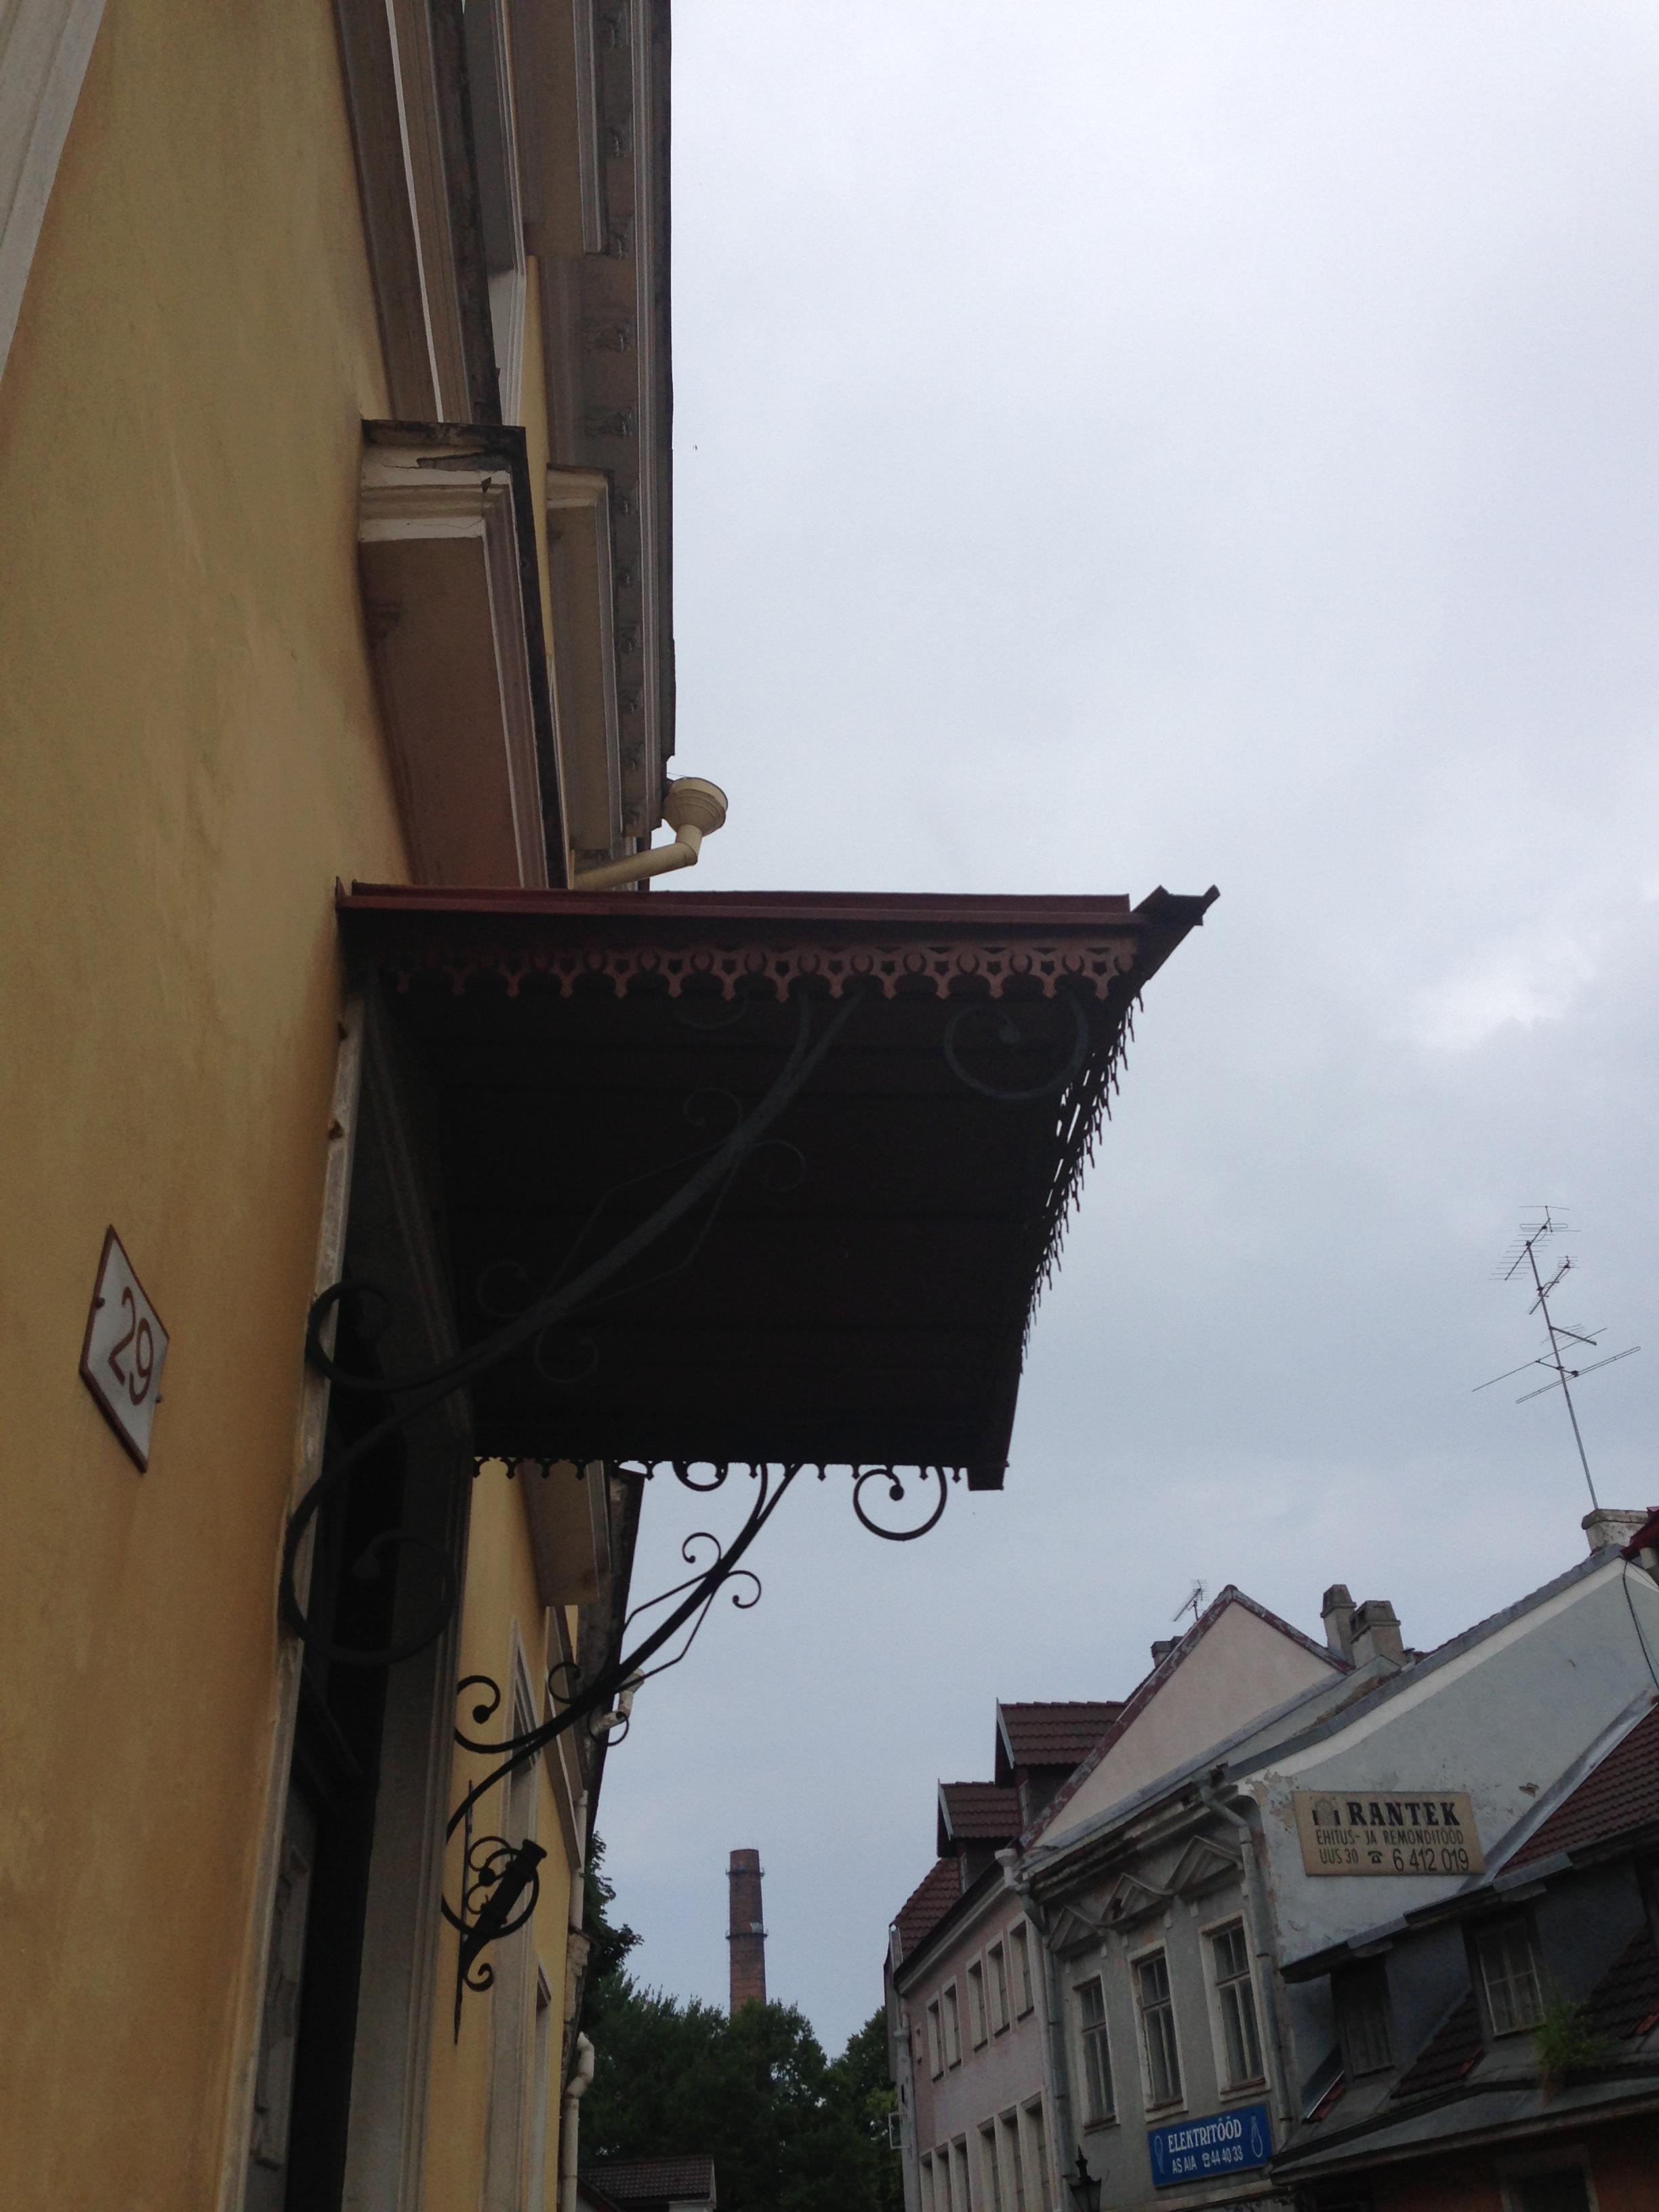 Shop sign, Tallinn